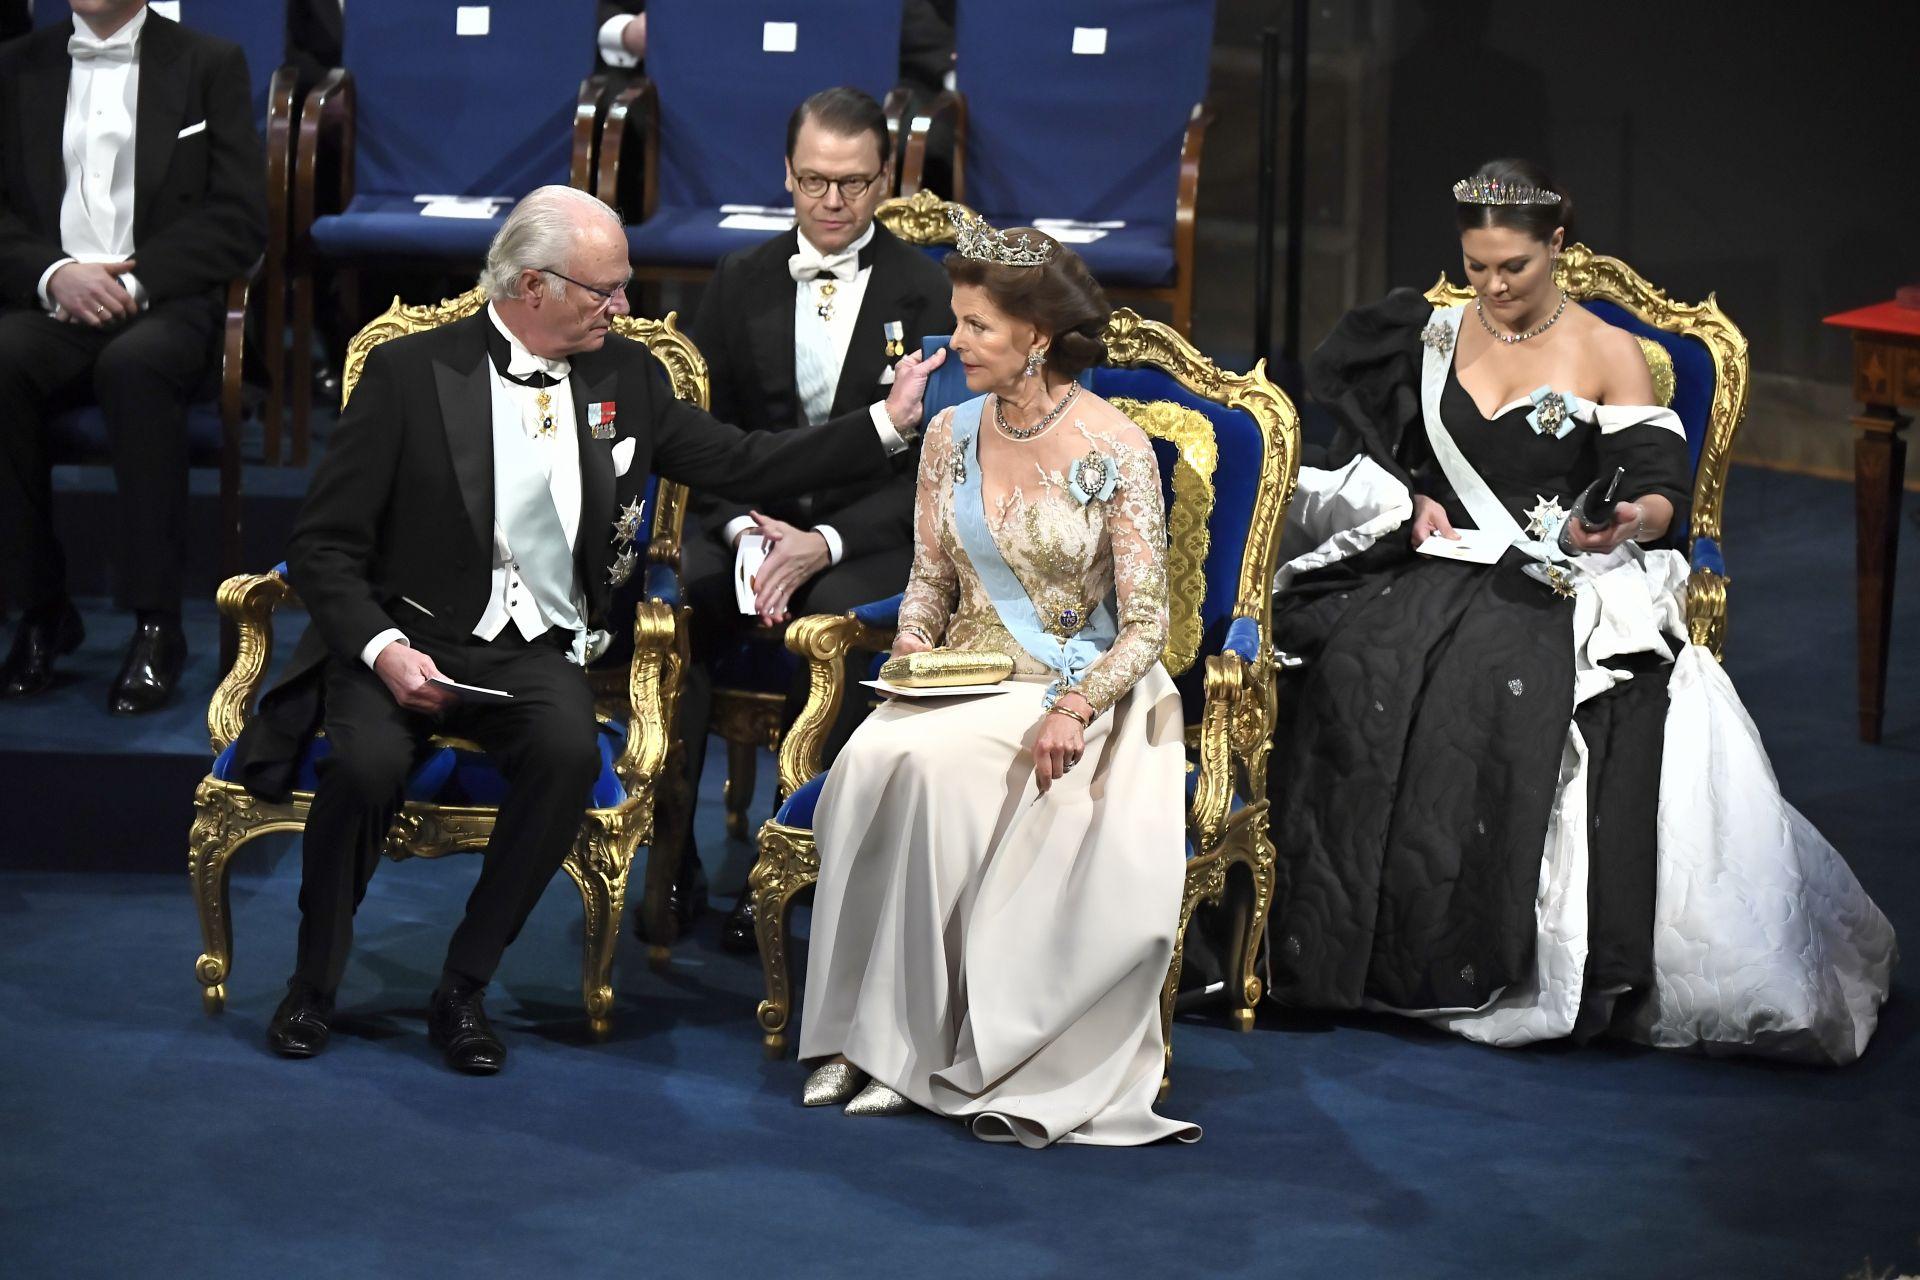 Кралят на Швеция Карл Густаф оправя възглавница на кралица Силвия на церемонията по награждаването на Нобел в Концертната зала в Стокхолм